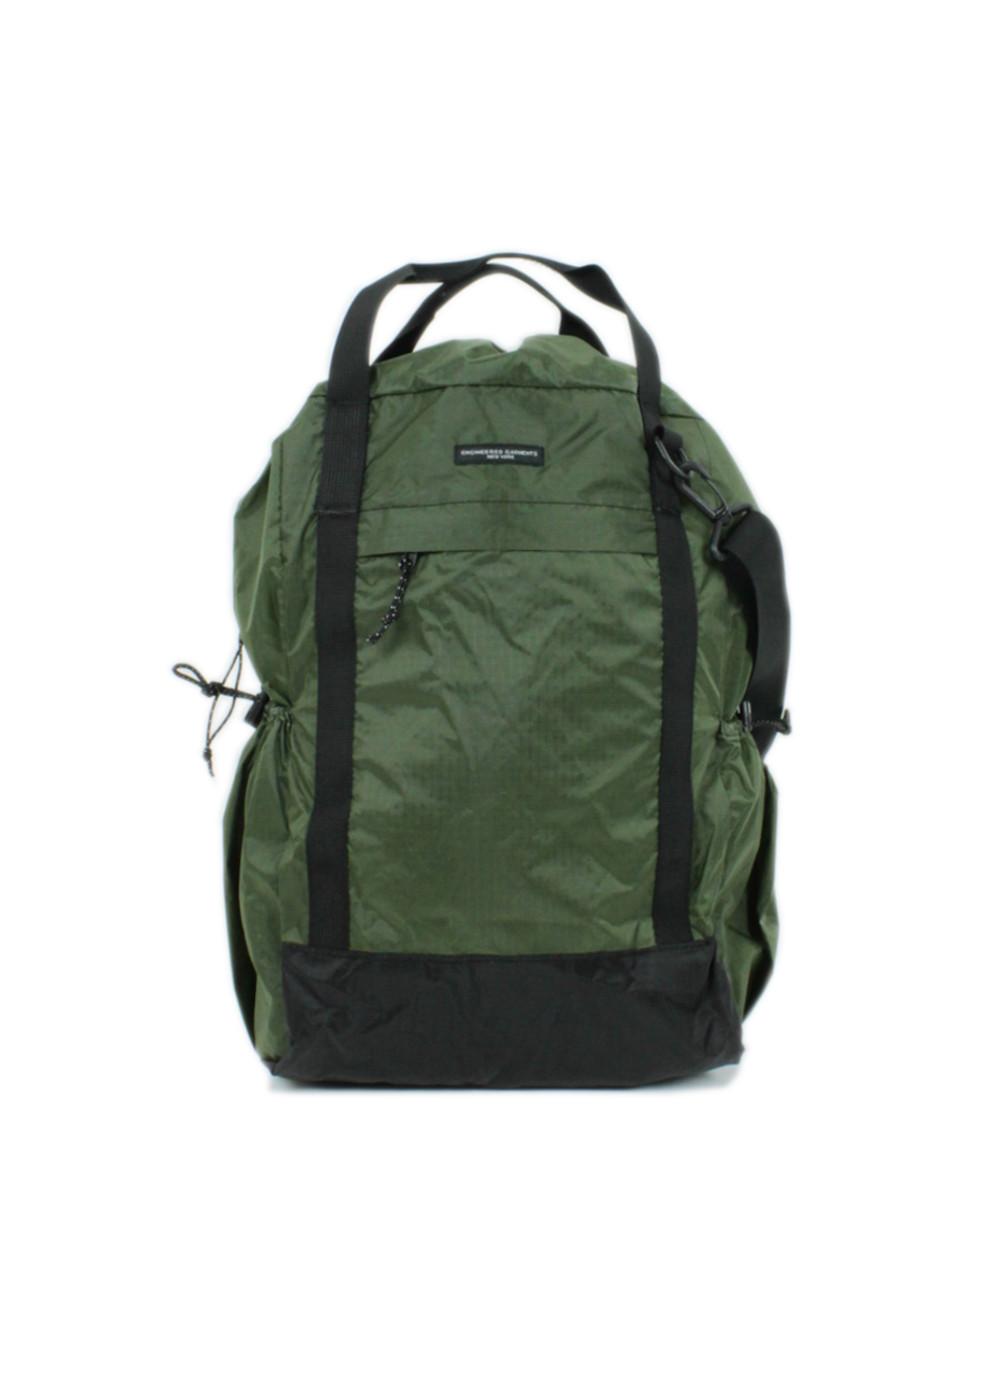 Engineered-Garments-UL-3way-Back-Olive-01